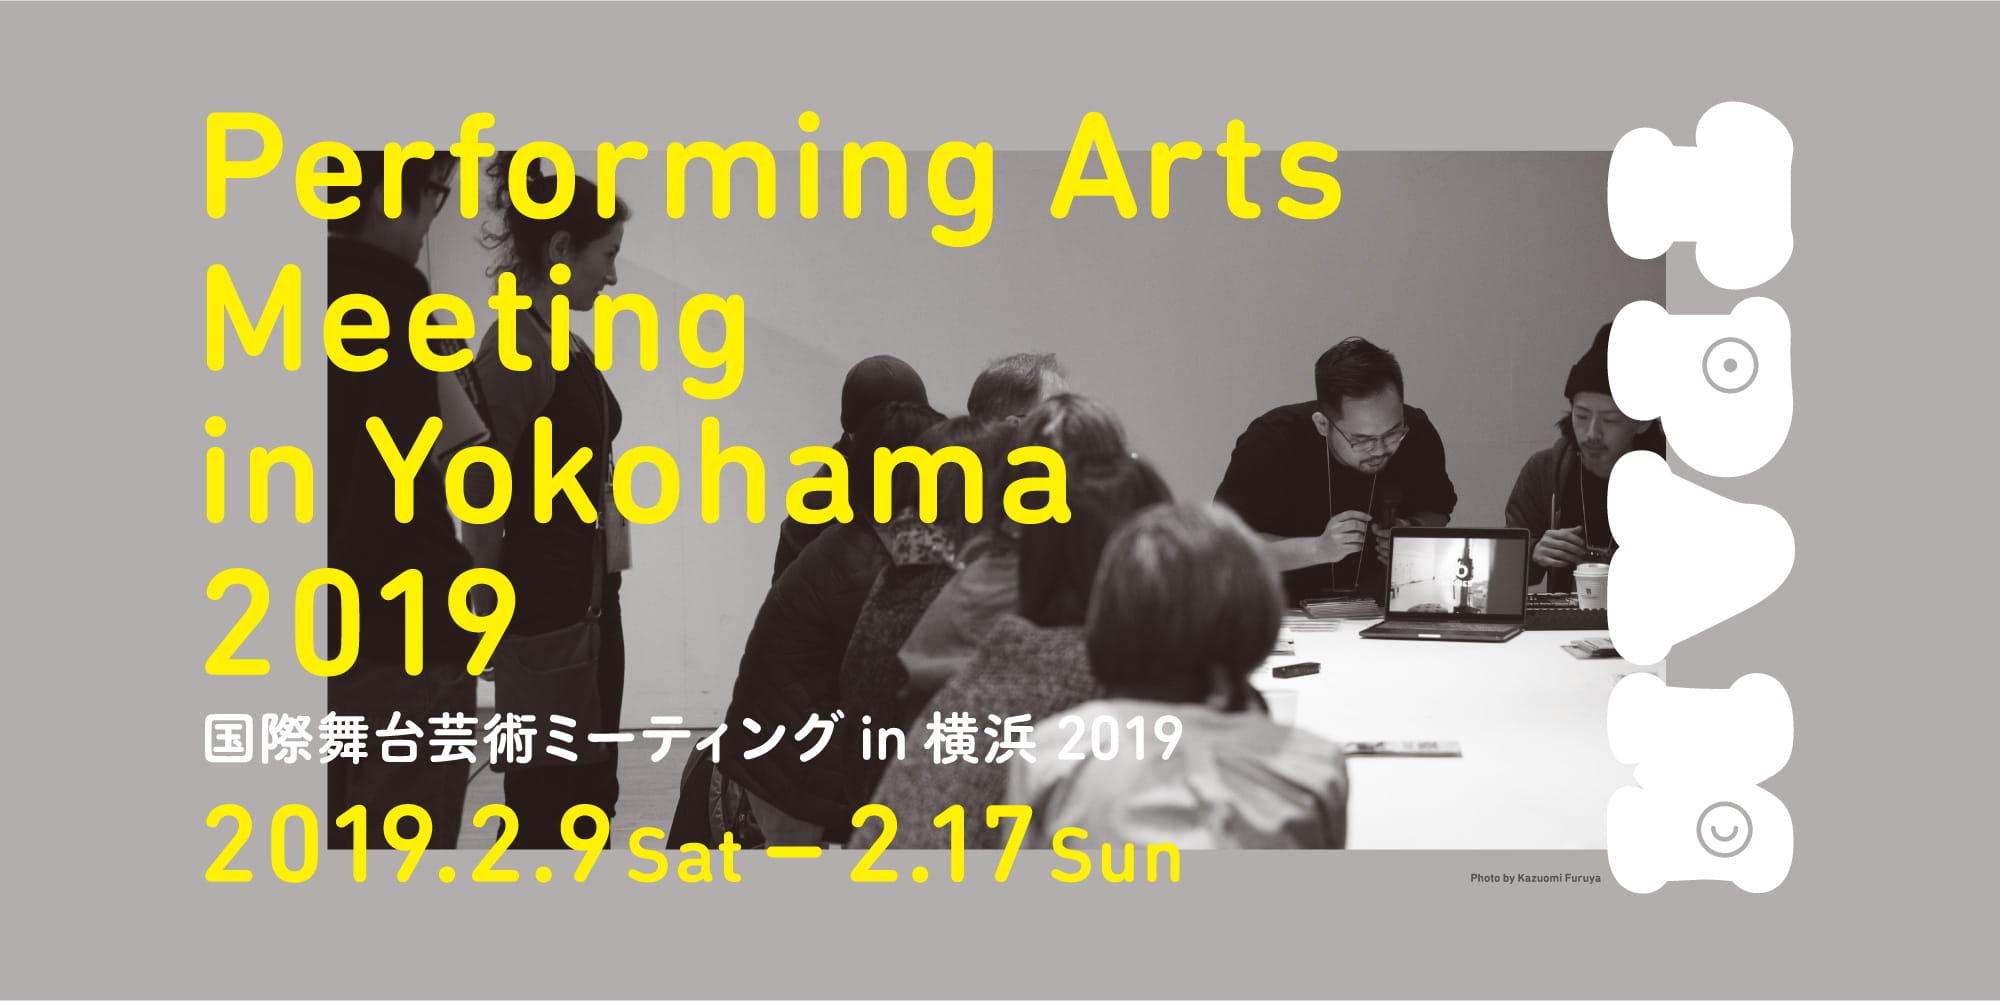 tpam 国際舞台芸術ミーティング in 横浜 tpam インフォメーションサイト